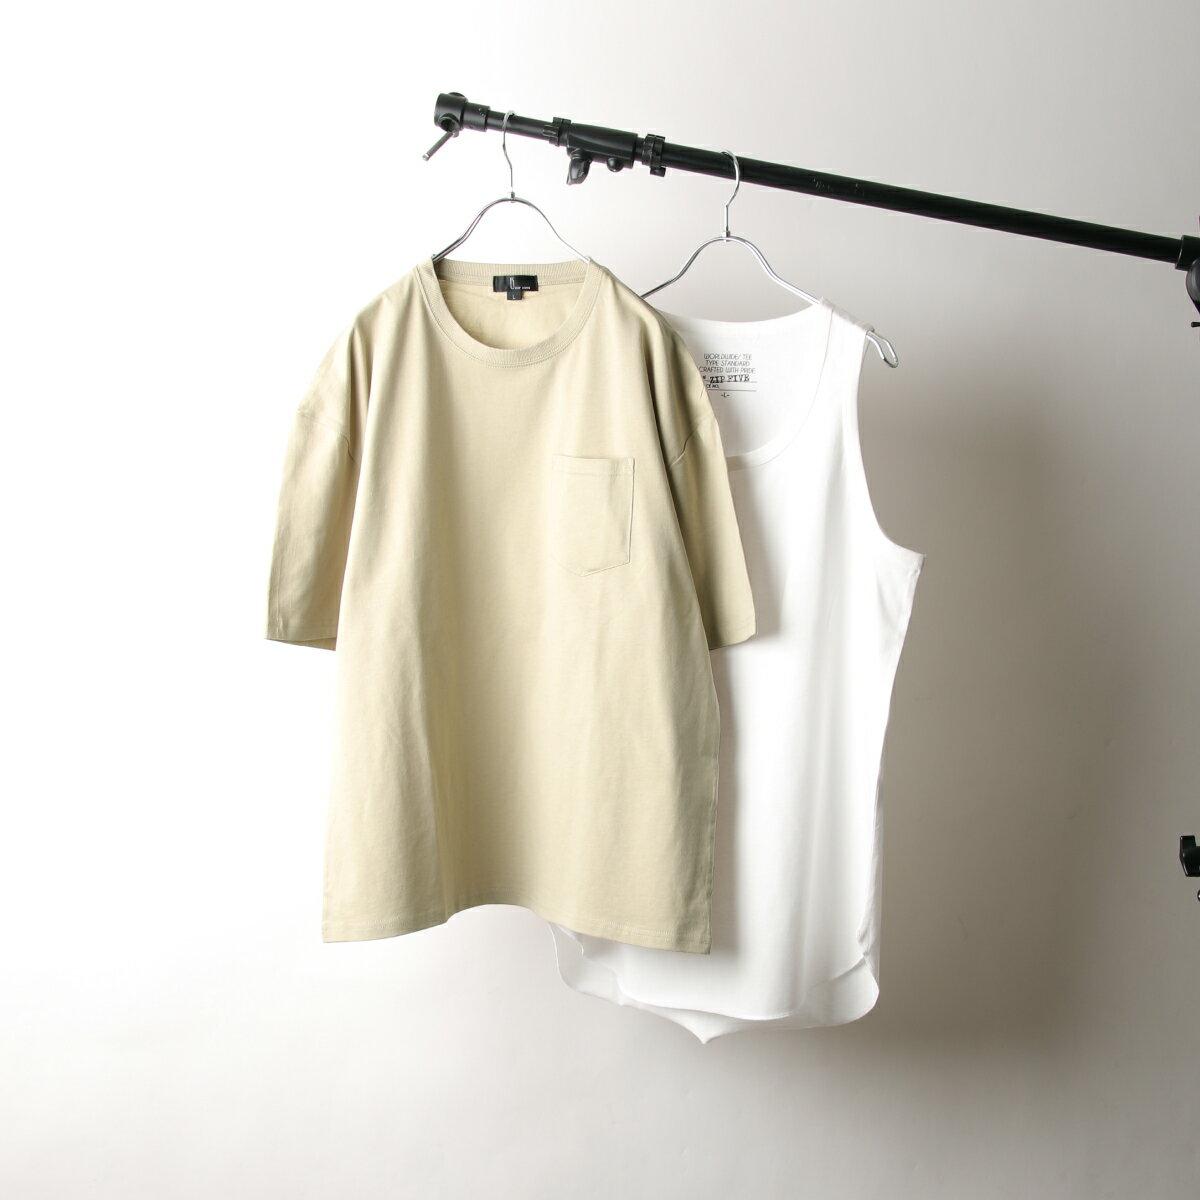 【New】五分袖T恤&長版坦克背心 兩件組 7